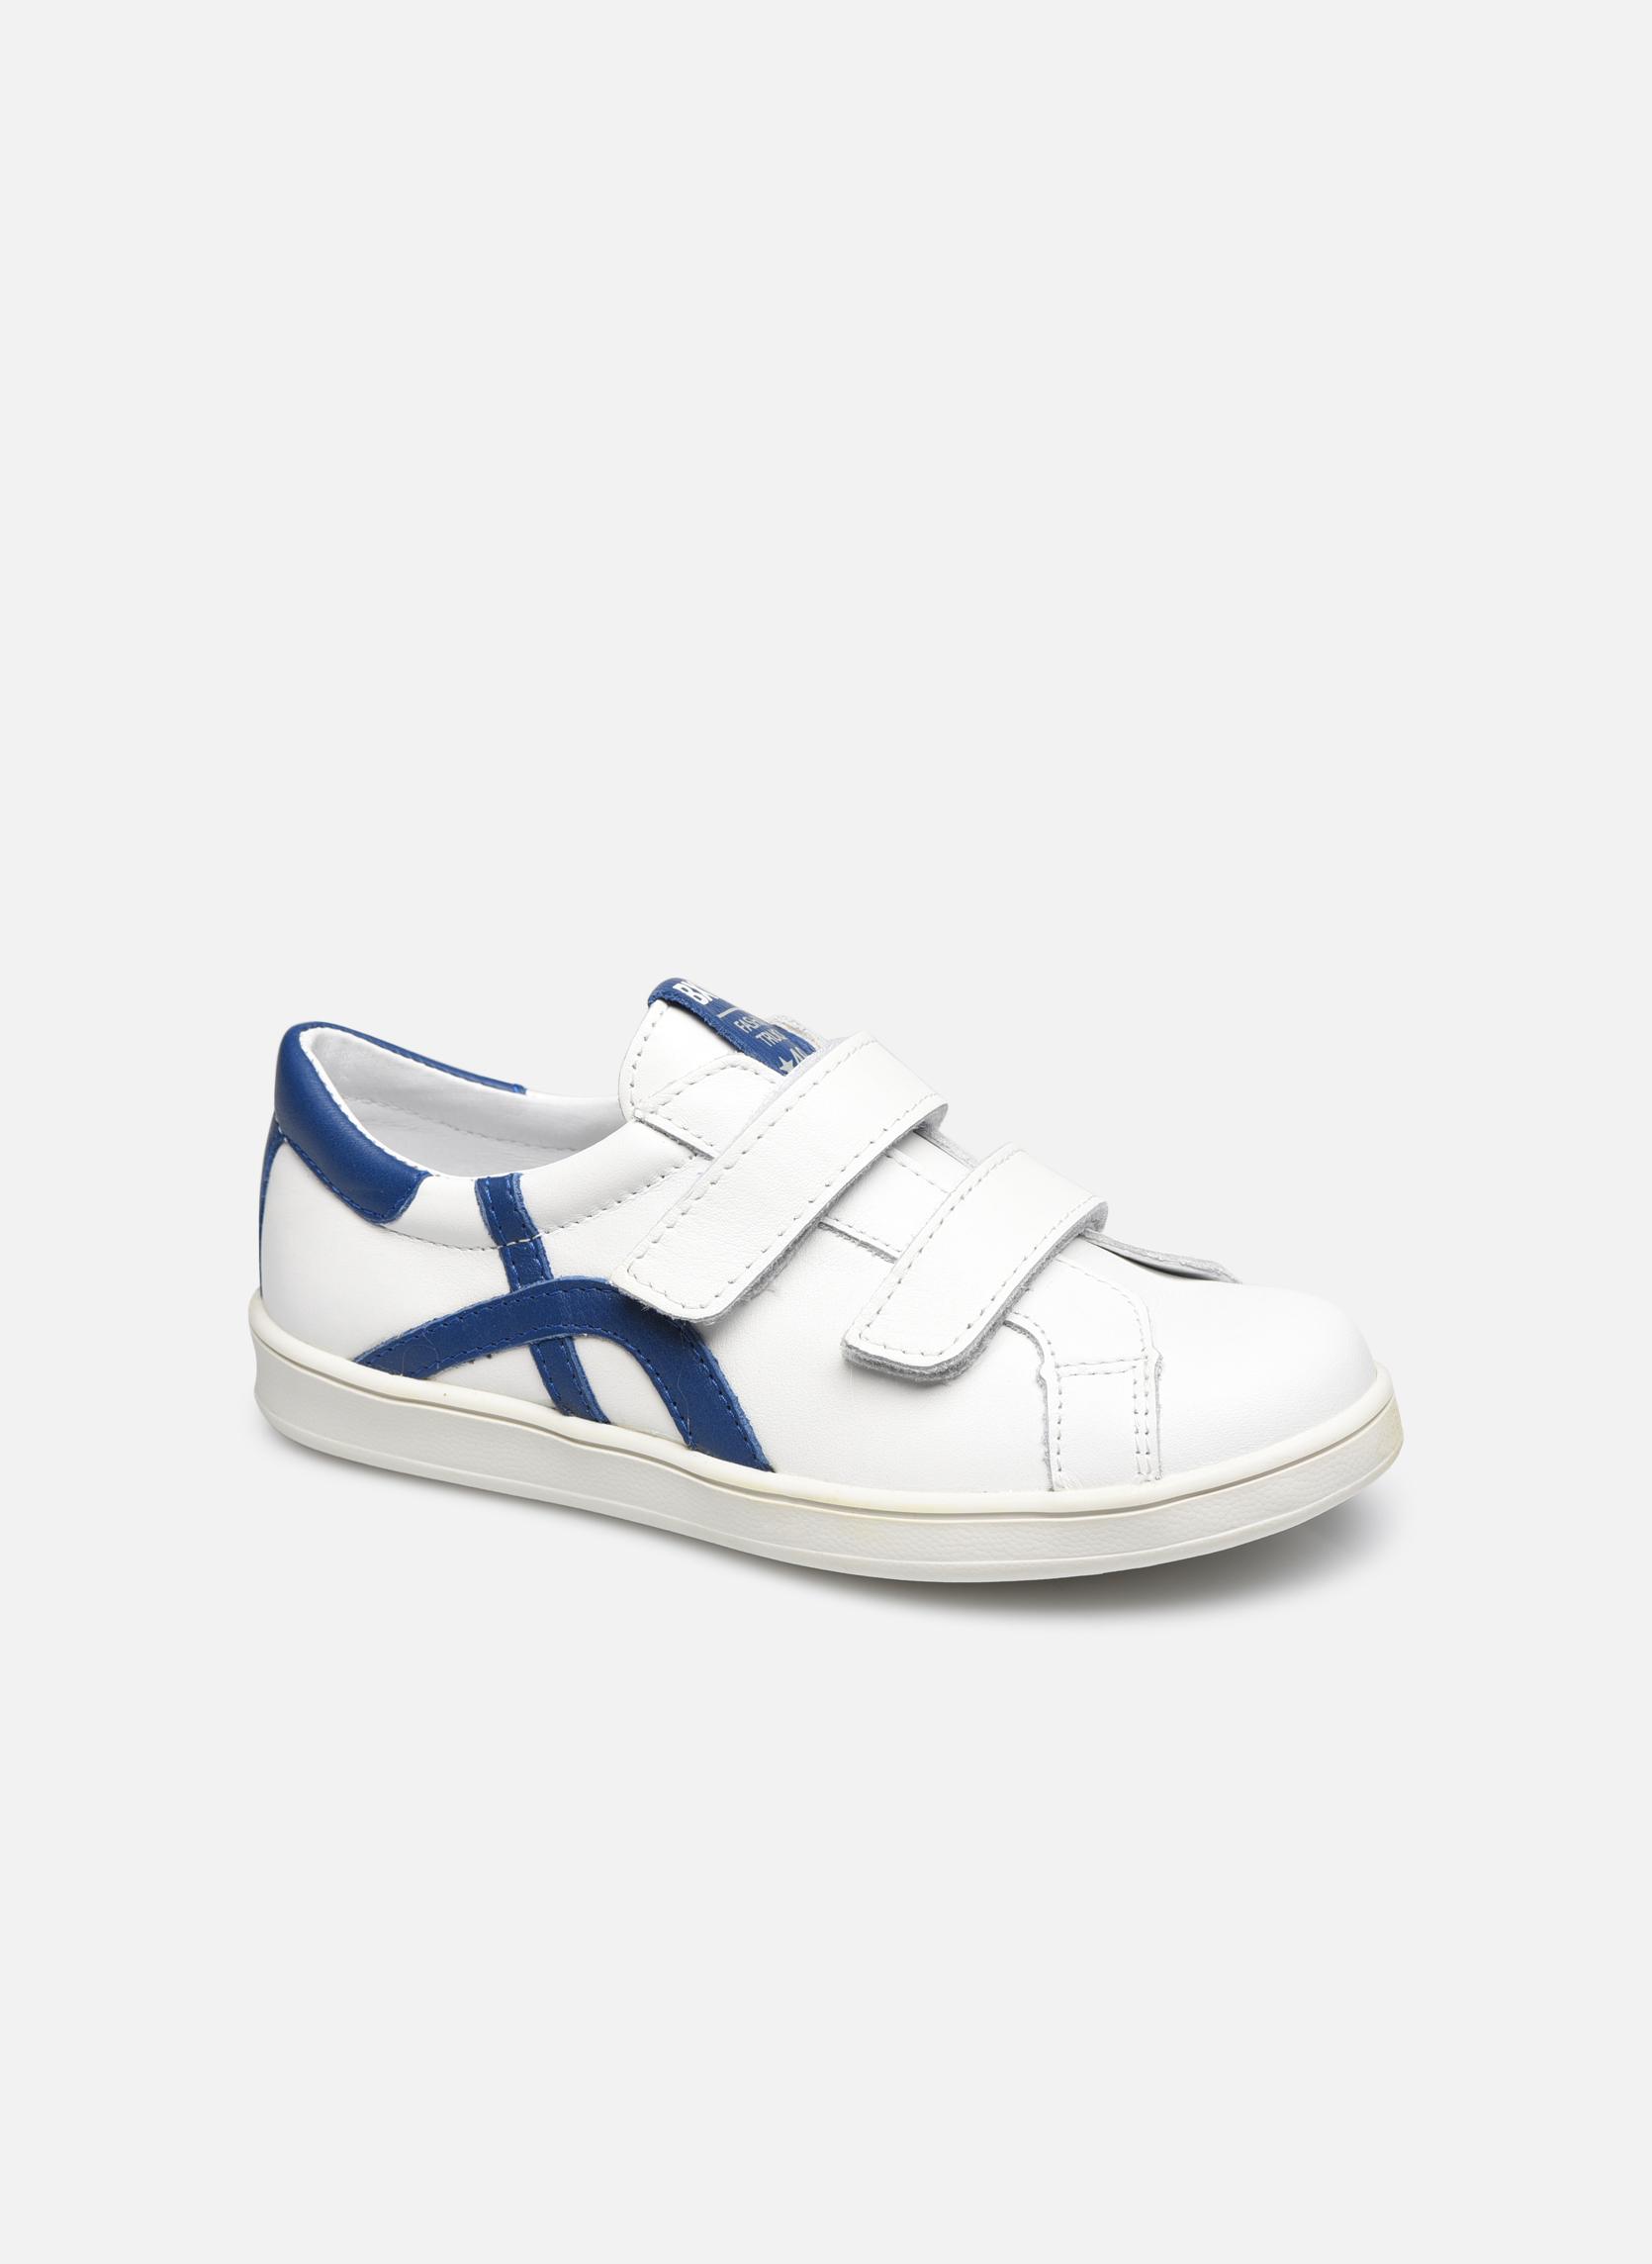 Blanc/bleu